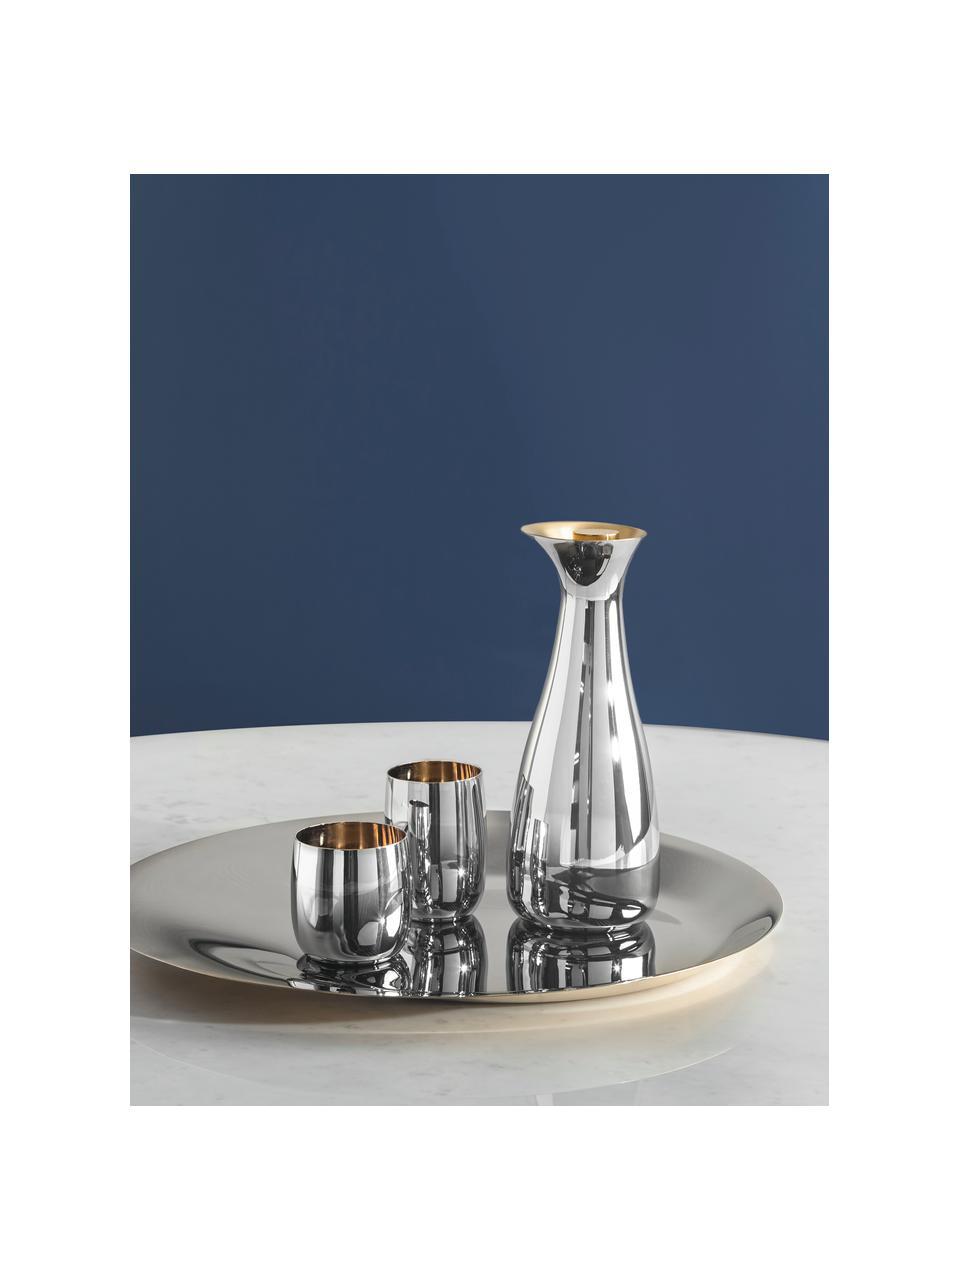 Design Weinbecher Foster in Silber/Gold, Außen: Edelstahl, spiegelpoliert, Innen: Edelstahl mit goldfarbene, Außen: Edelstahl, hochglänzendInnen: Goldfarben, Ø 8 x H 8 cm